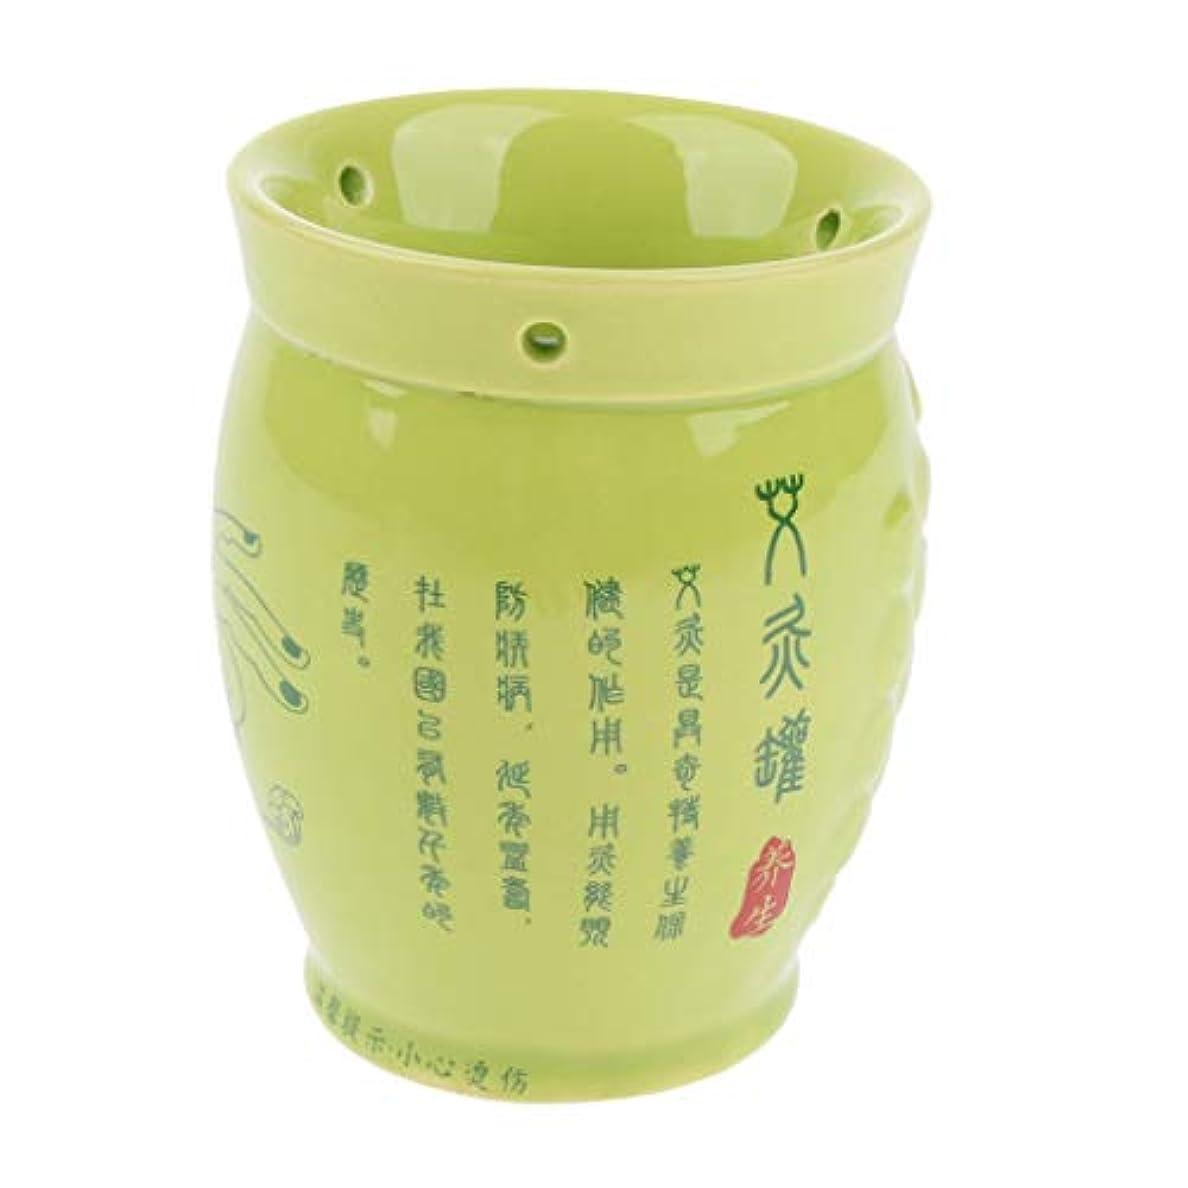 dailymall 中国の陶磁器のSの廃棄物のコップの鍋はボディのためのカッピングをマッサージできます